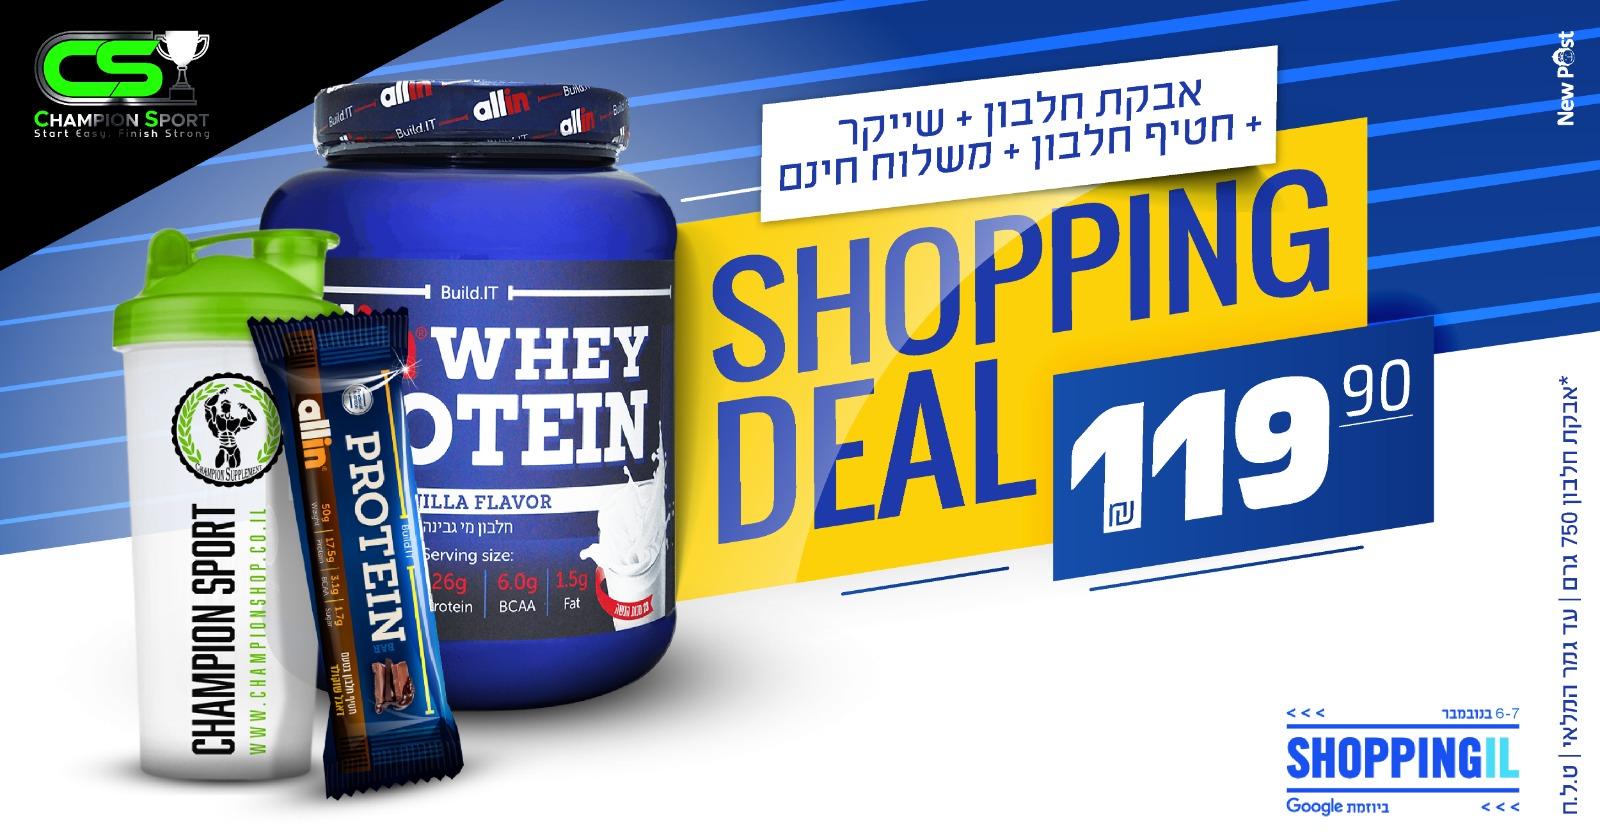 חבילת SHOPPINGIL|אבקת חלבון allin 750 גרם+שייקר+חטיף במחיר מוזל